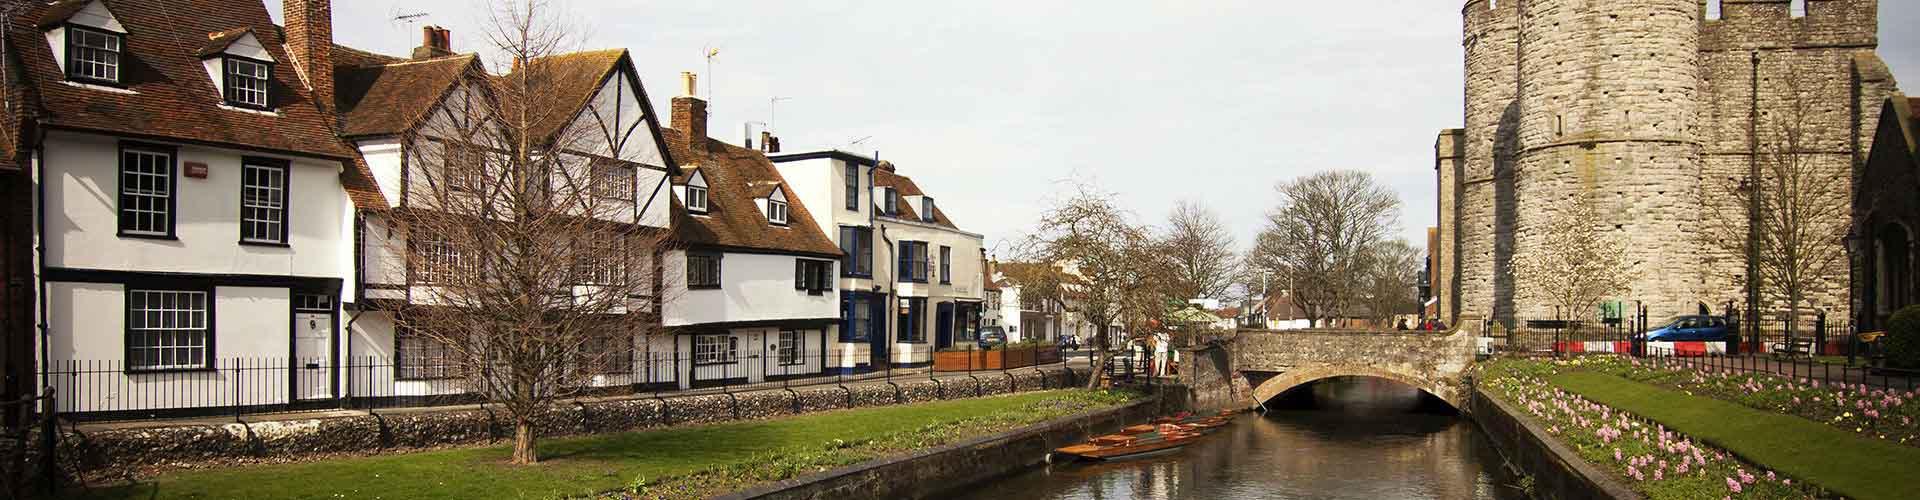 Canterbury - Hostelů v Canterbury. Mapy pro Canterbury, fotky a recenze pro každý hostel v Canterbury.